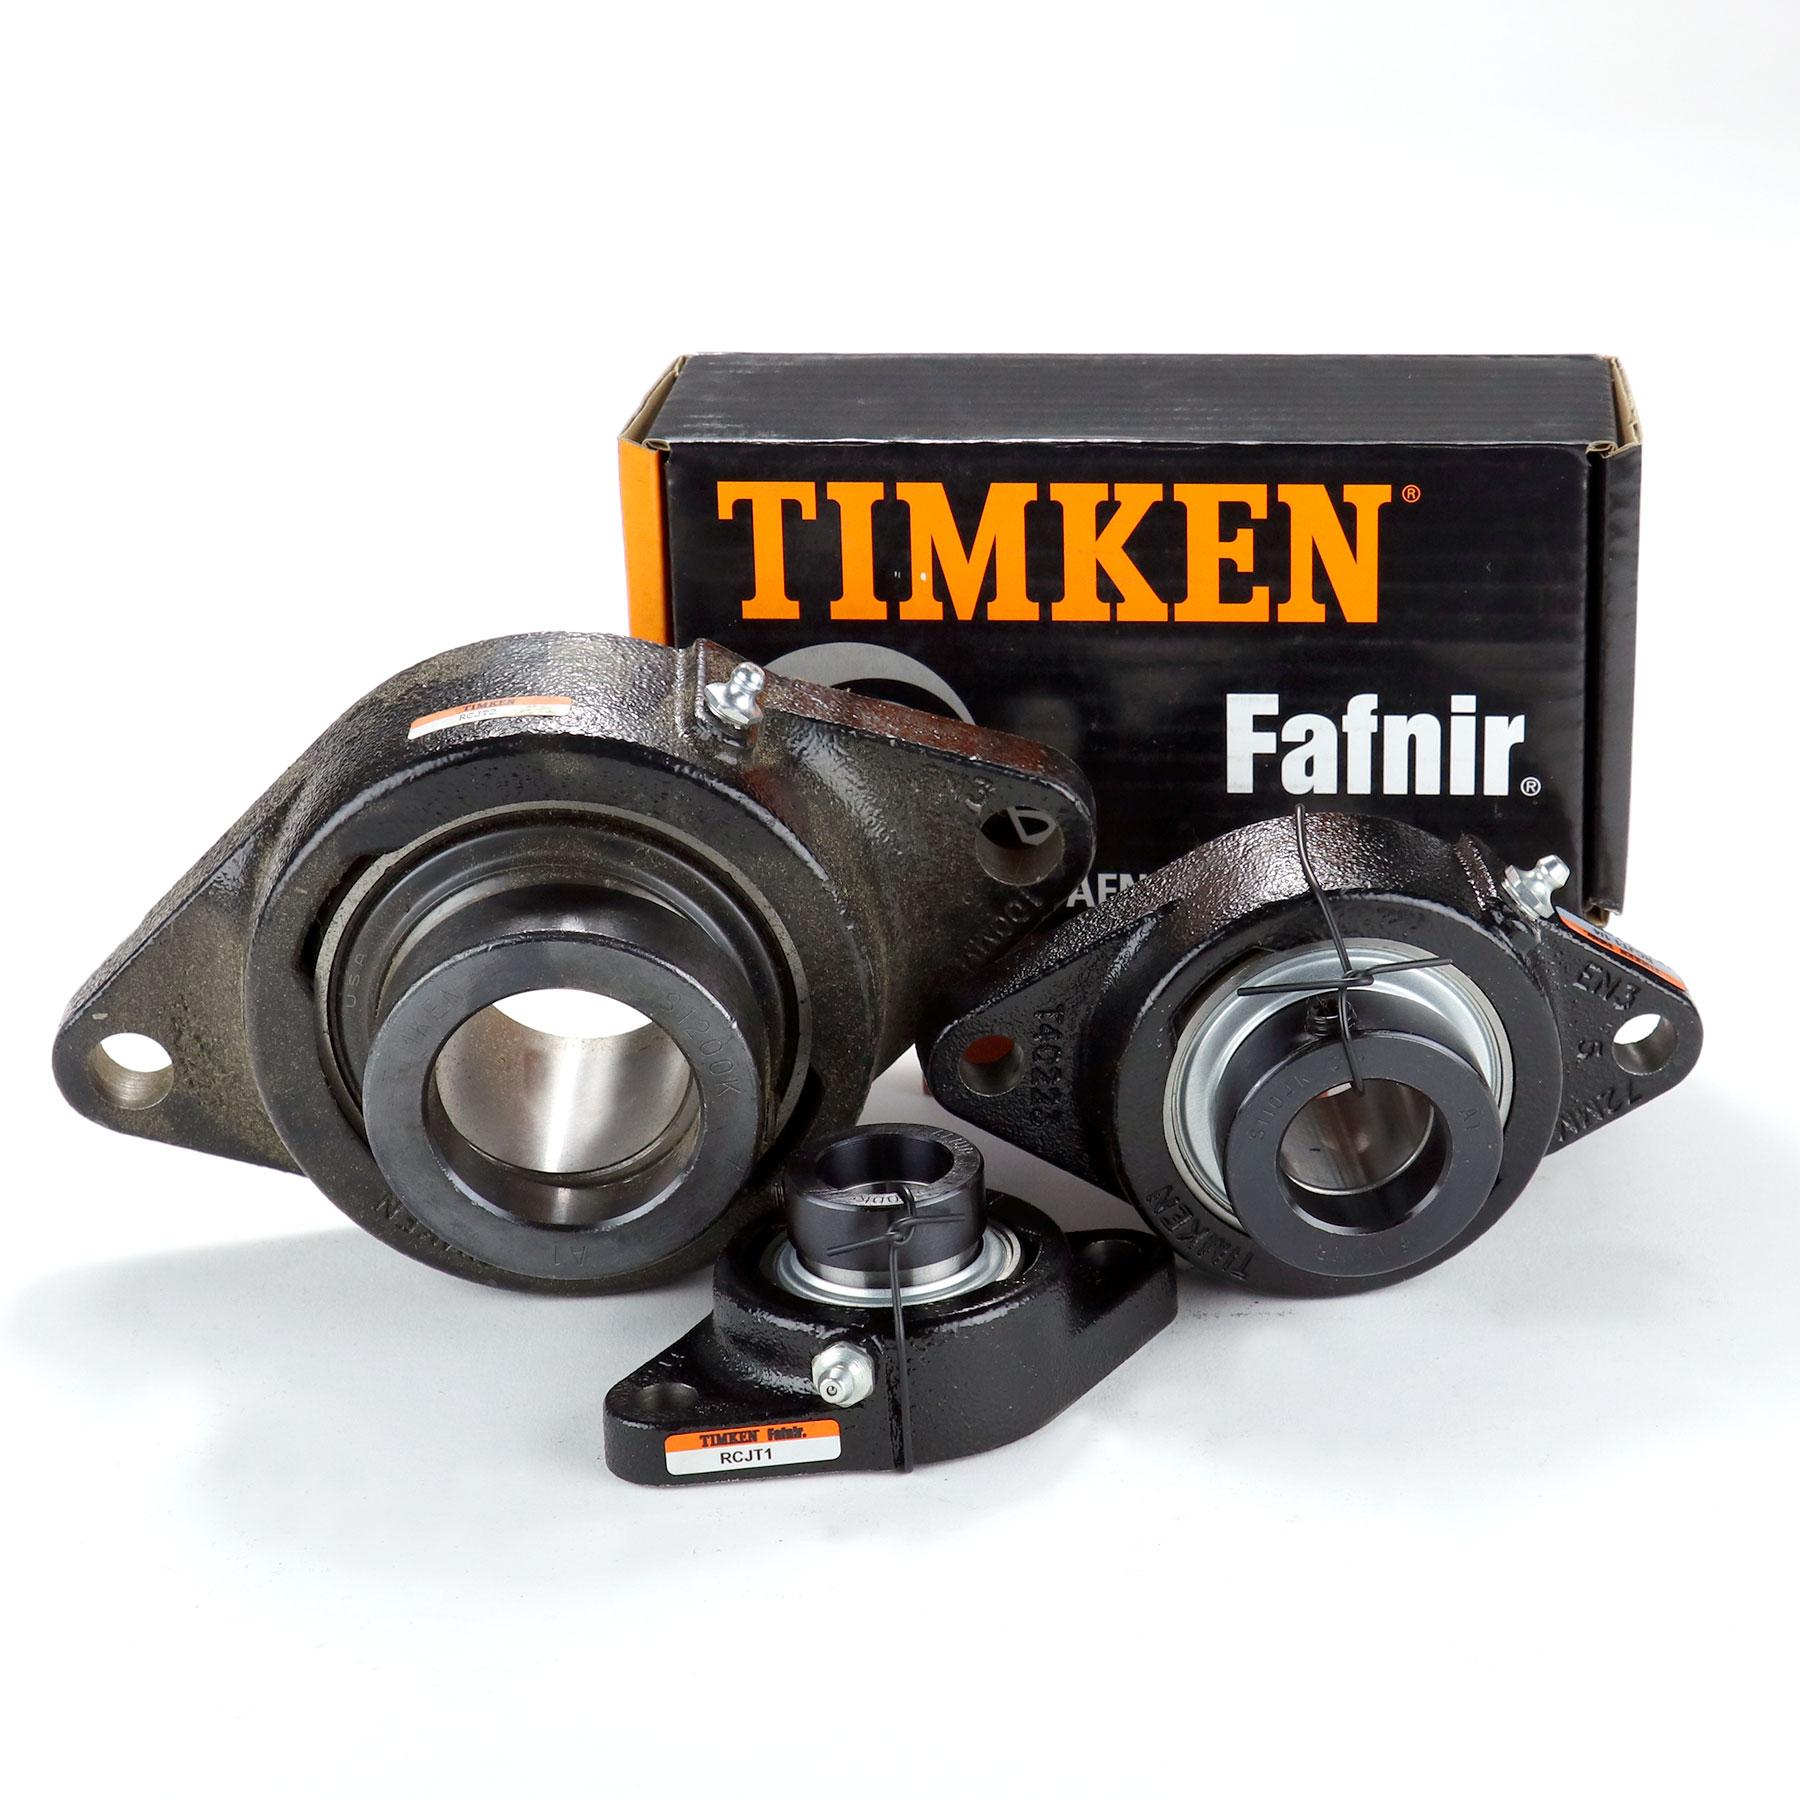 timken fafnir 2 bolt, L&M Specialty Fabrication Batavia NY